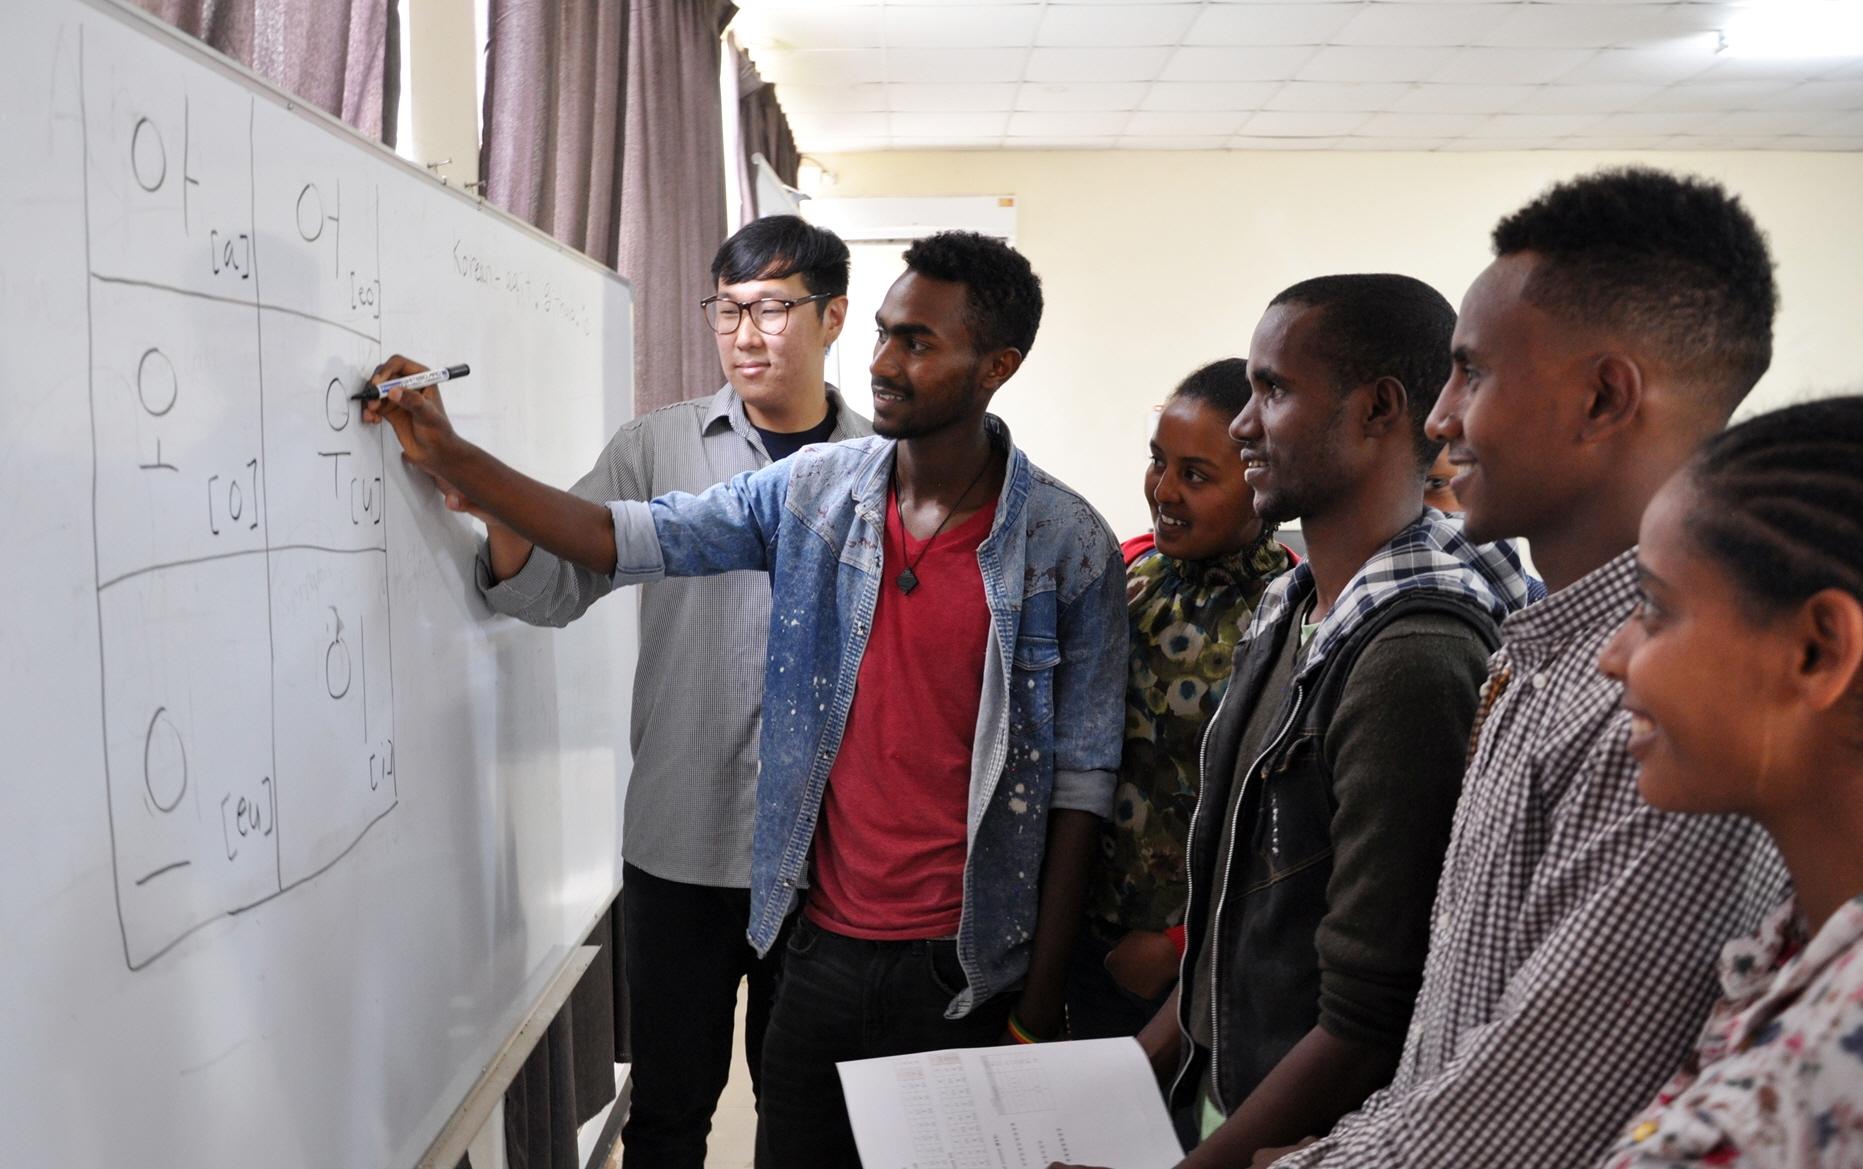 LG전자가 지난 달 중순부터 이달 5일까지 총 6회에 걸쳐 에티오피아 참전용사 후손 30여 명을 대상으로 한글 수업을 진행했다. 사진은 에티오피아 참전용사 후손들이 한글 수업을 받고 있는 모습.